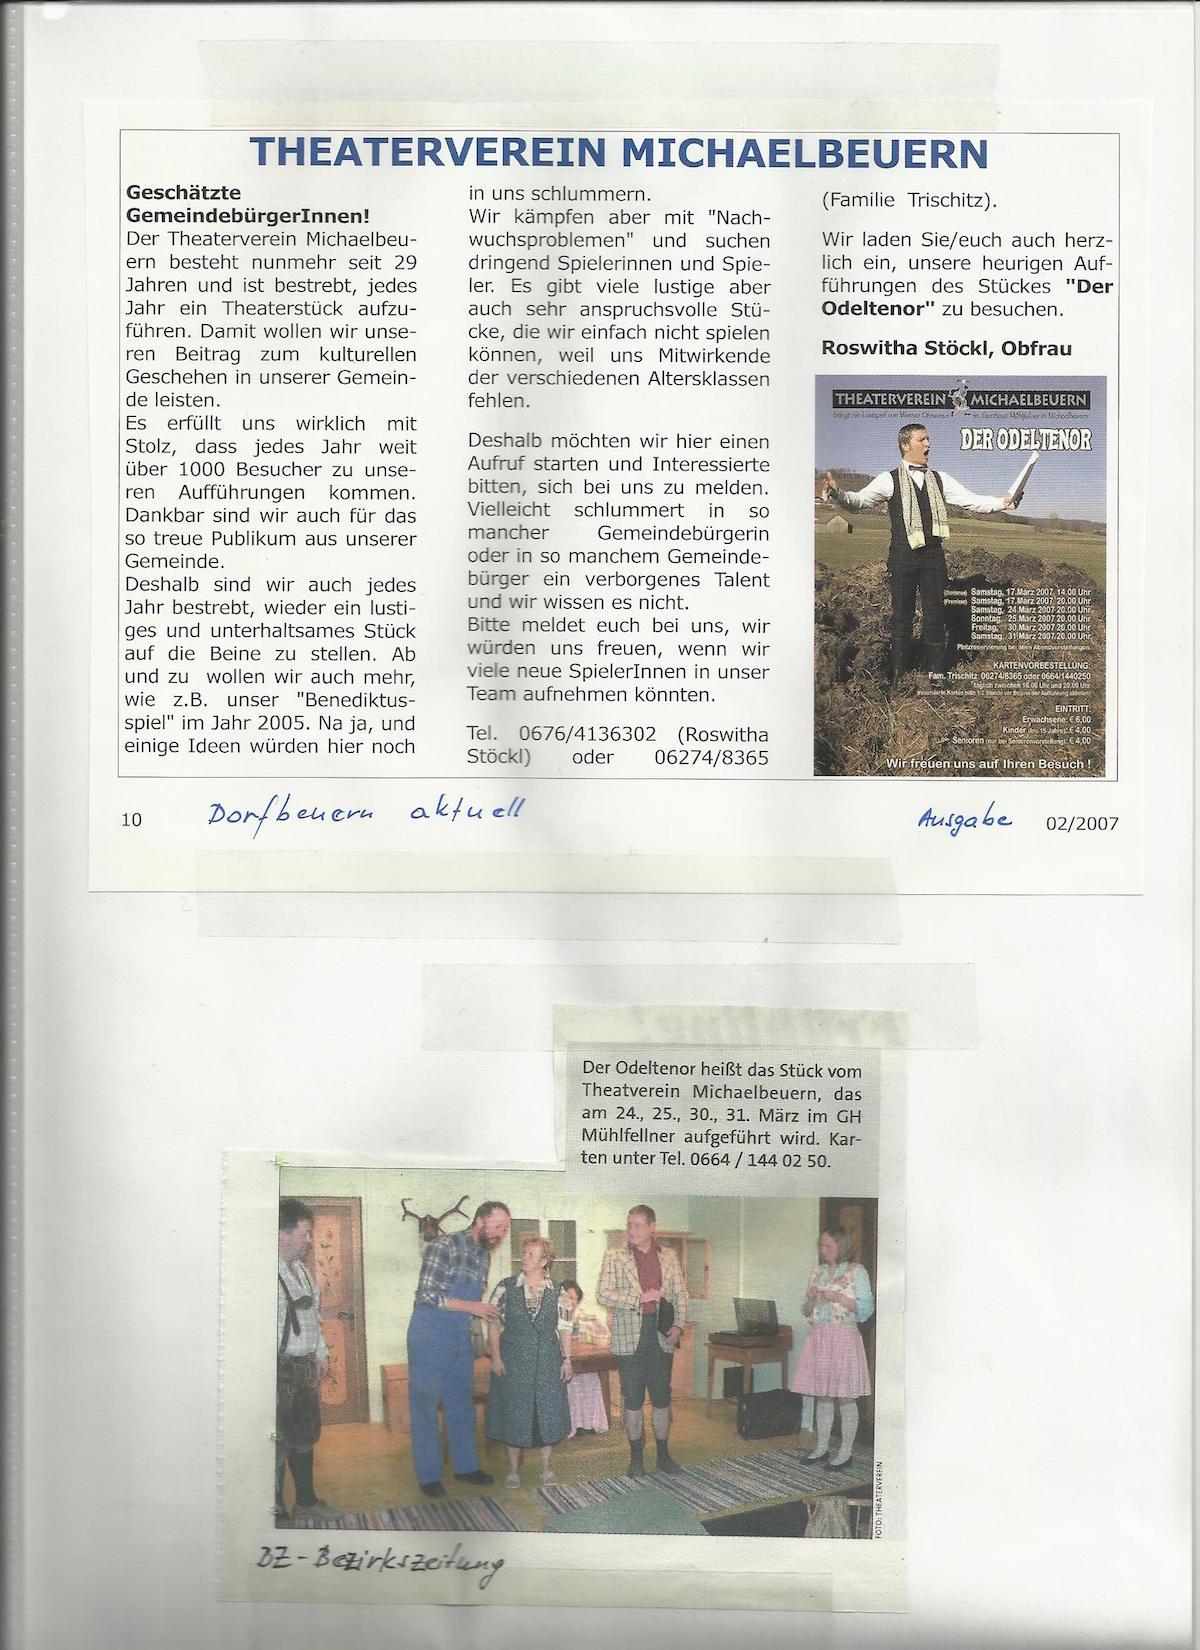 TV 2007 Der Odeltenor0004